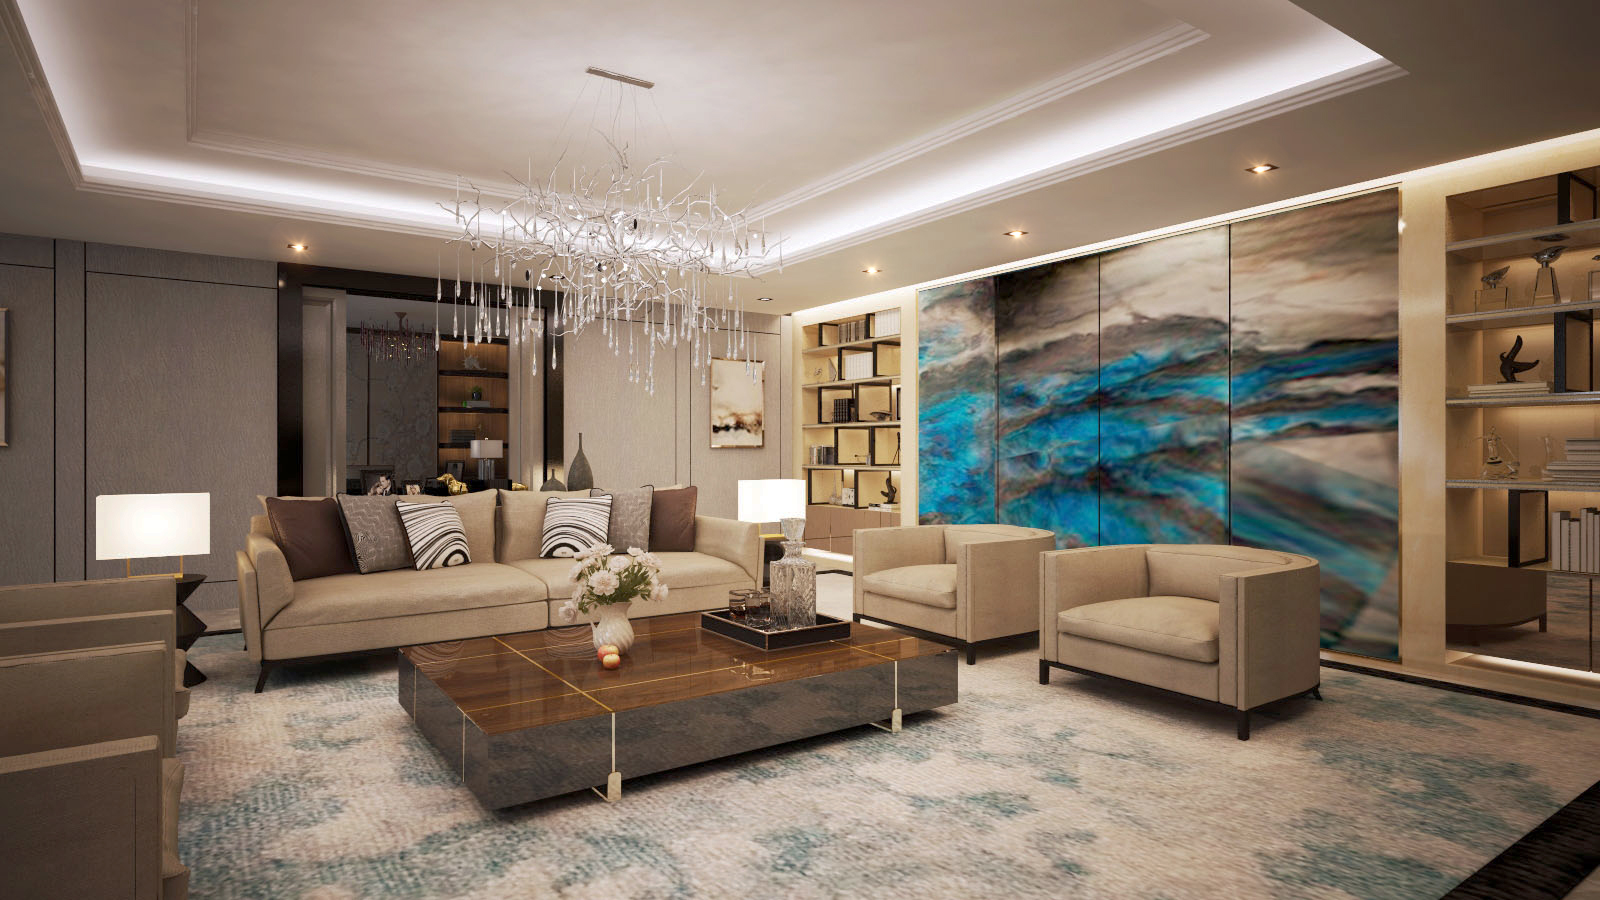 Presedent Livingroom & Dinning Room